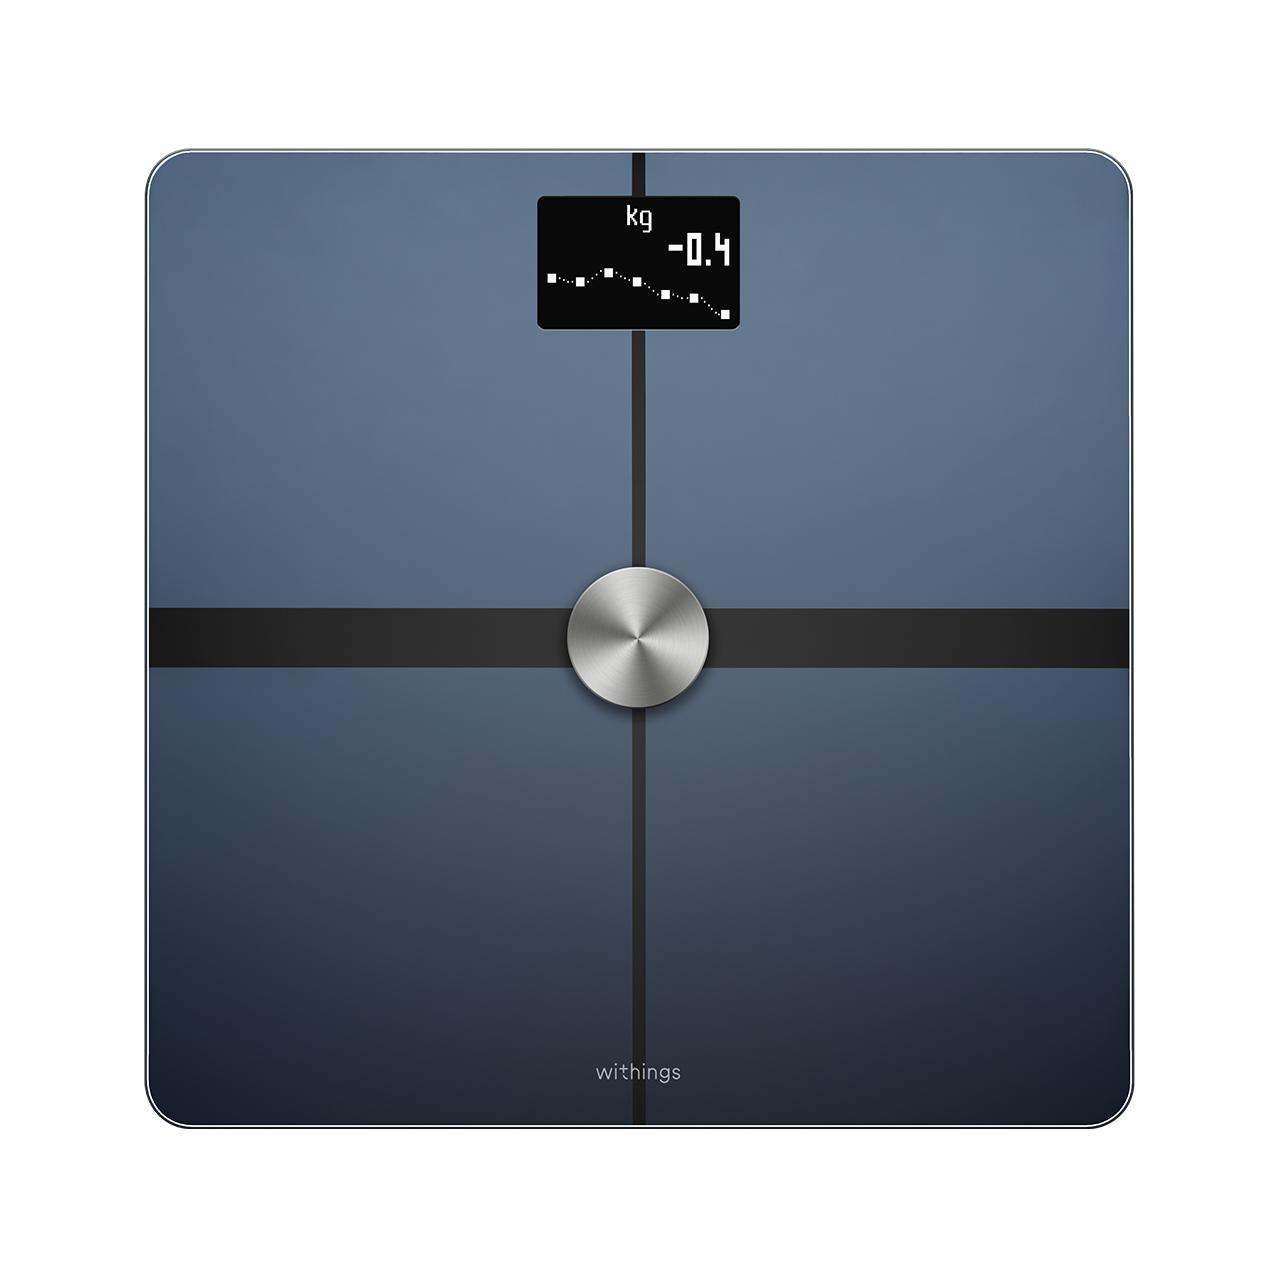 Withings Body+ (Nokia), Noir - Balance Wi-Fi avec analyse de la composition corporelle - Masse grasse et musculaire - Boutique Officielle Withings